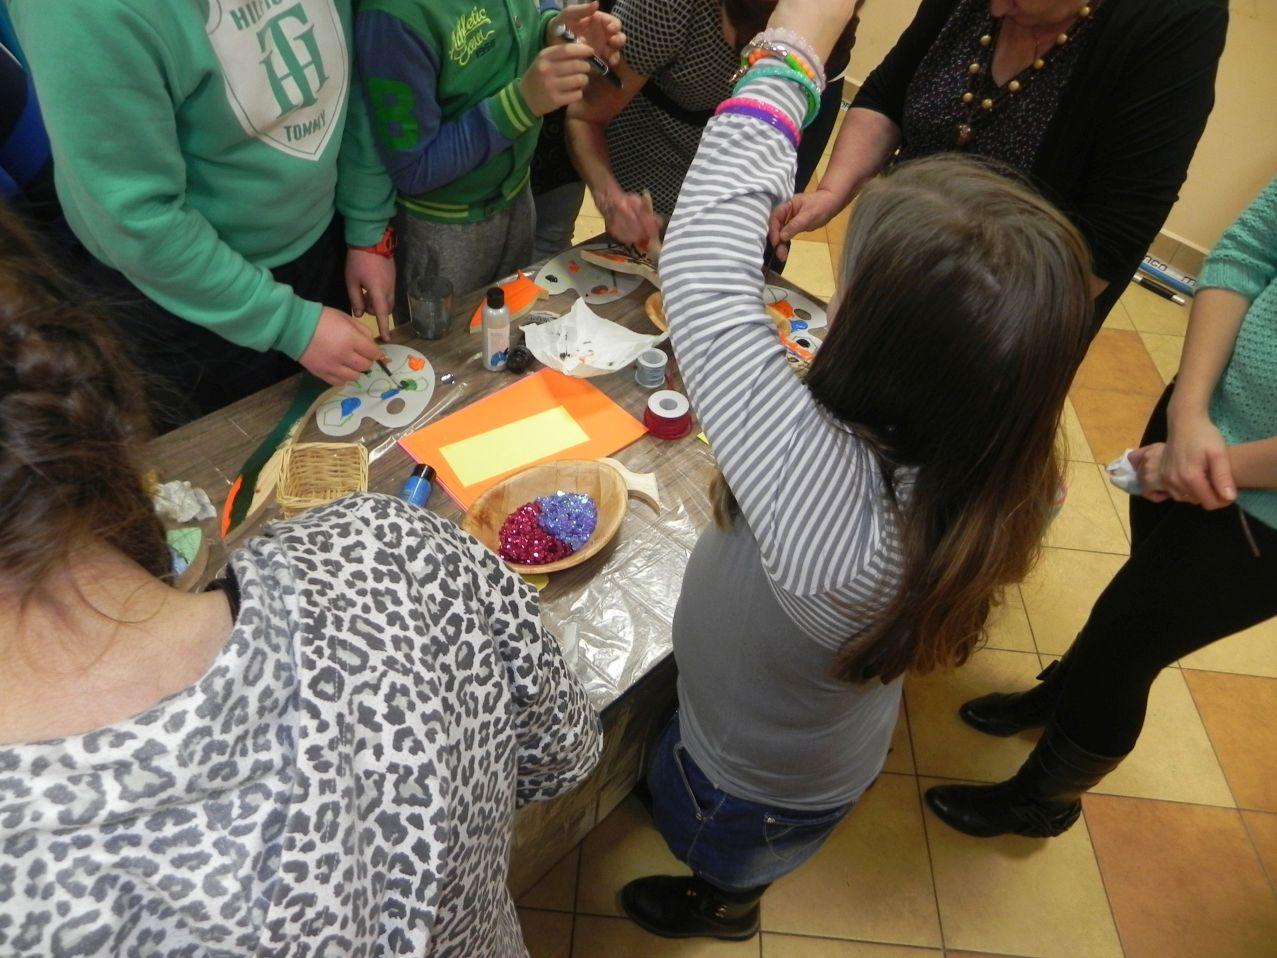 2016-01-31 Paplin - Wioska Rybna - testowanie (36)